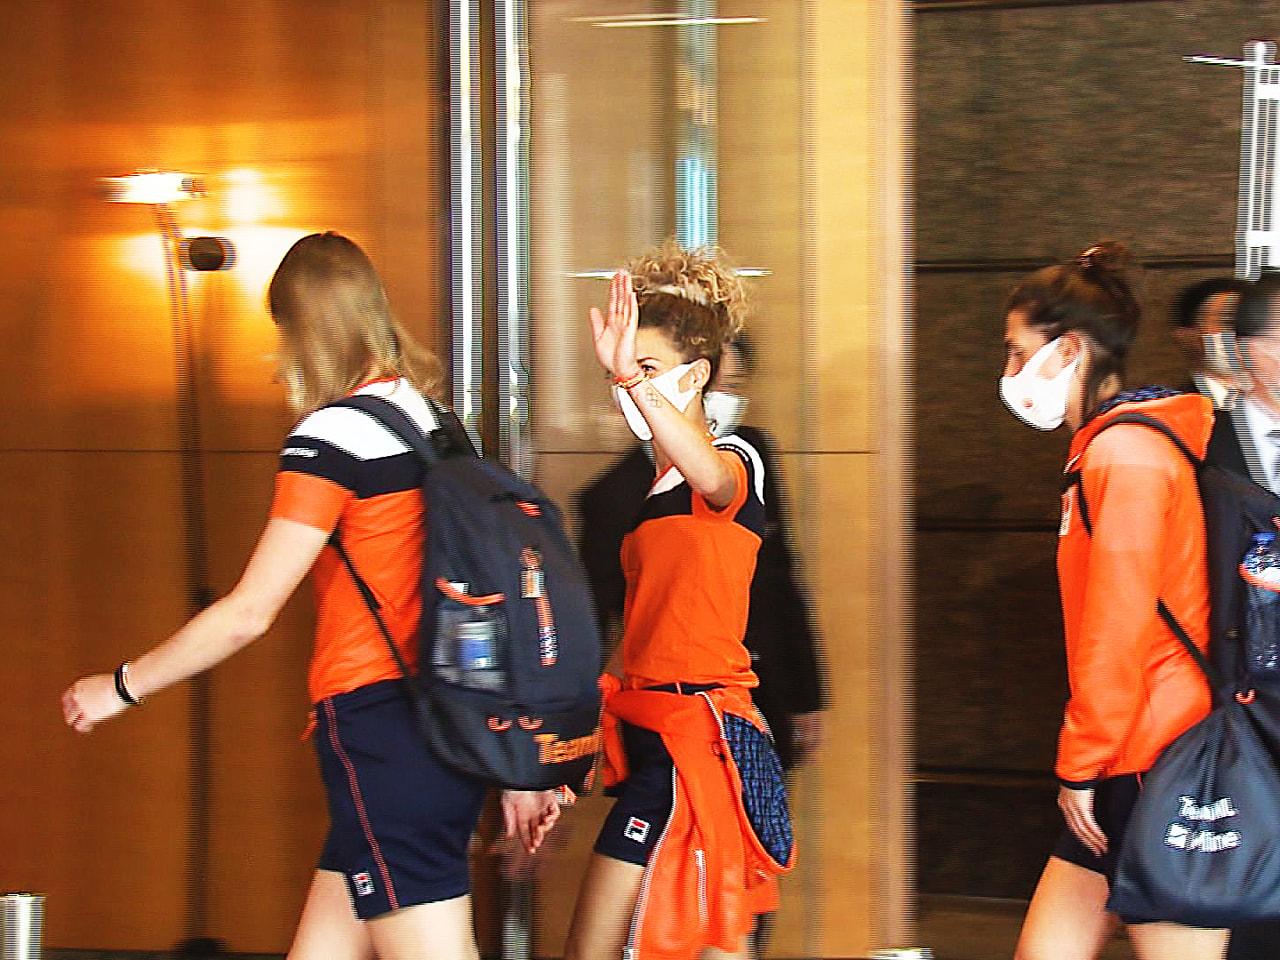 23日に開幕する東京オリンピックに向け、岐阜県内で事前合宿を行うオランダ女子ホッ...